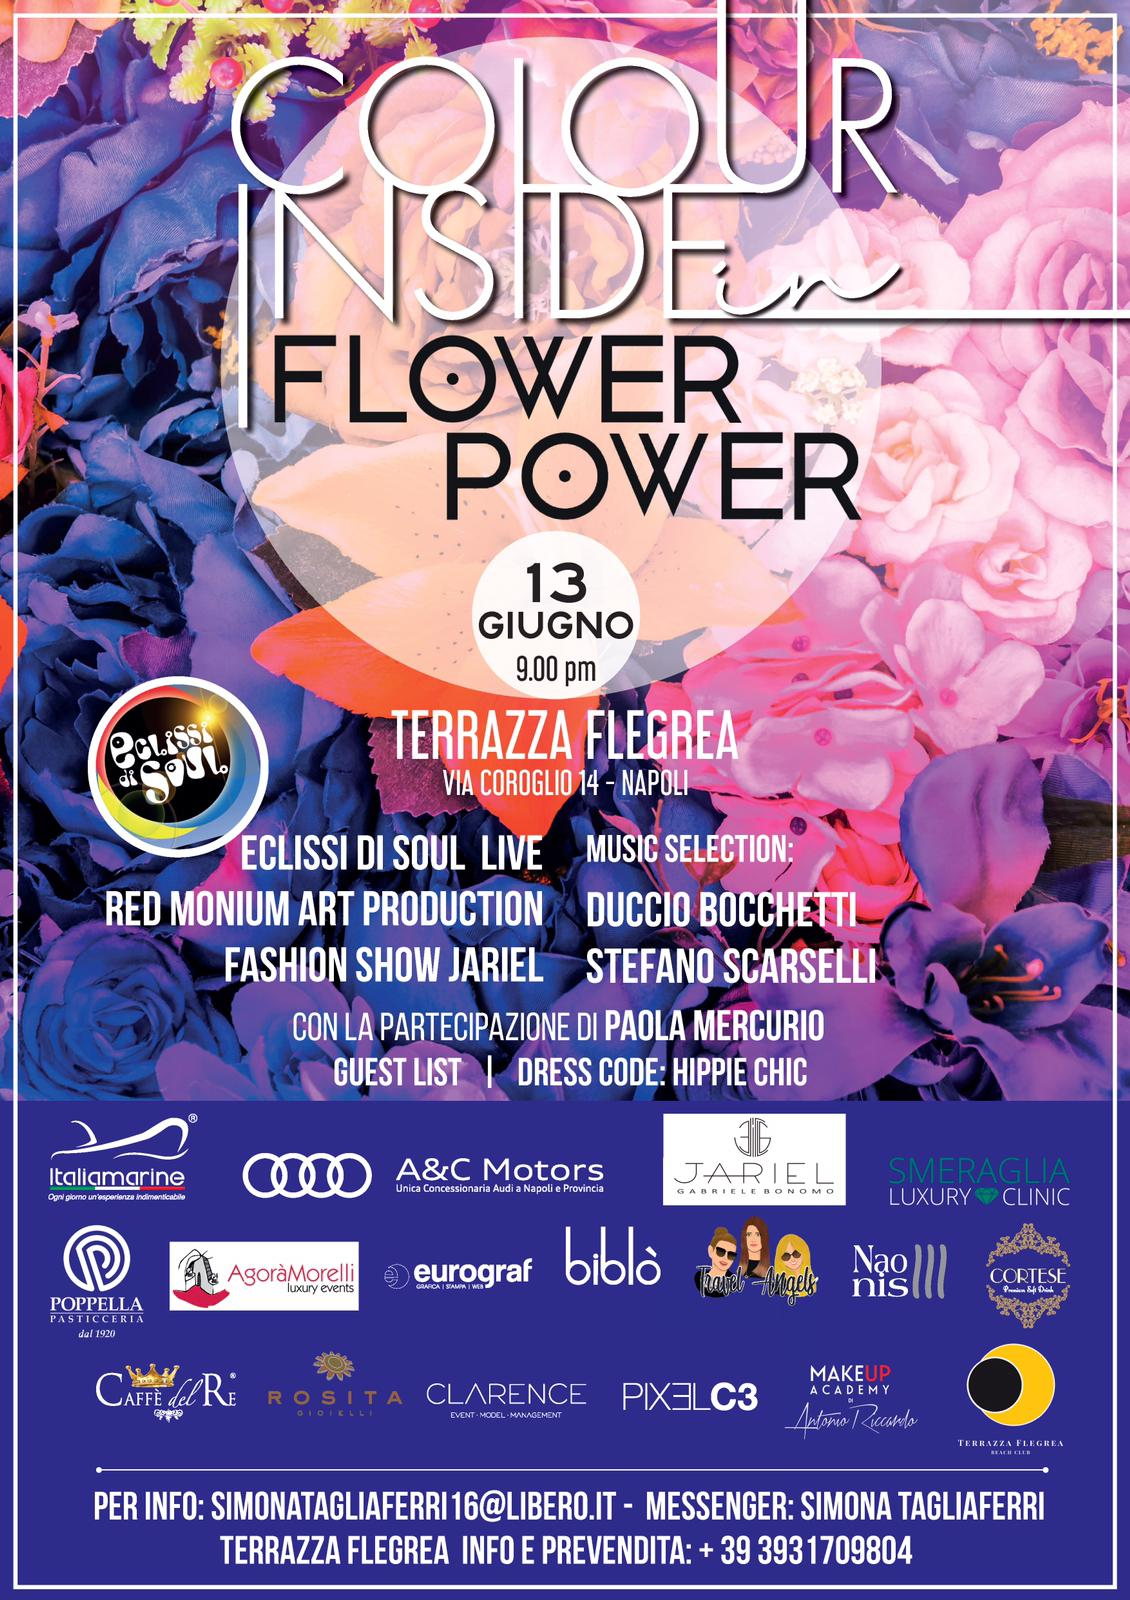 Colour Inside In Flower Power Terrazza Flegrea 13 Giugno